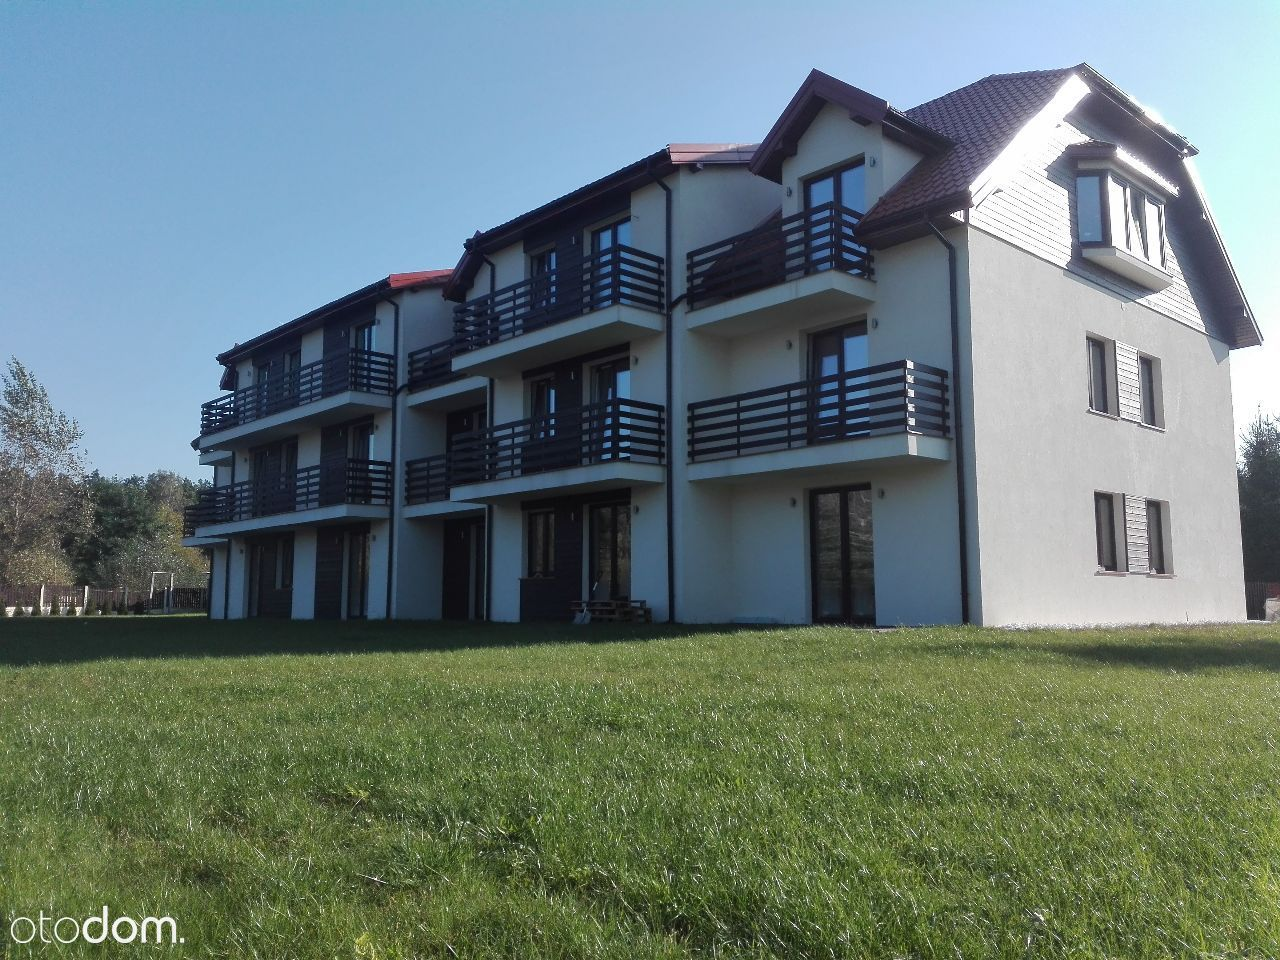 3 Pok 67m2 lub 2 pok z balkonem-Struga